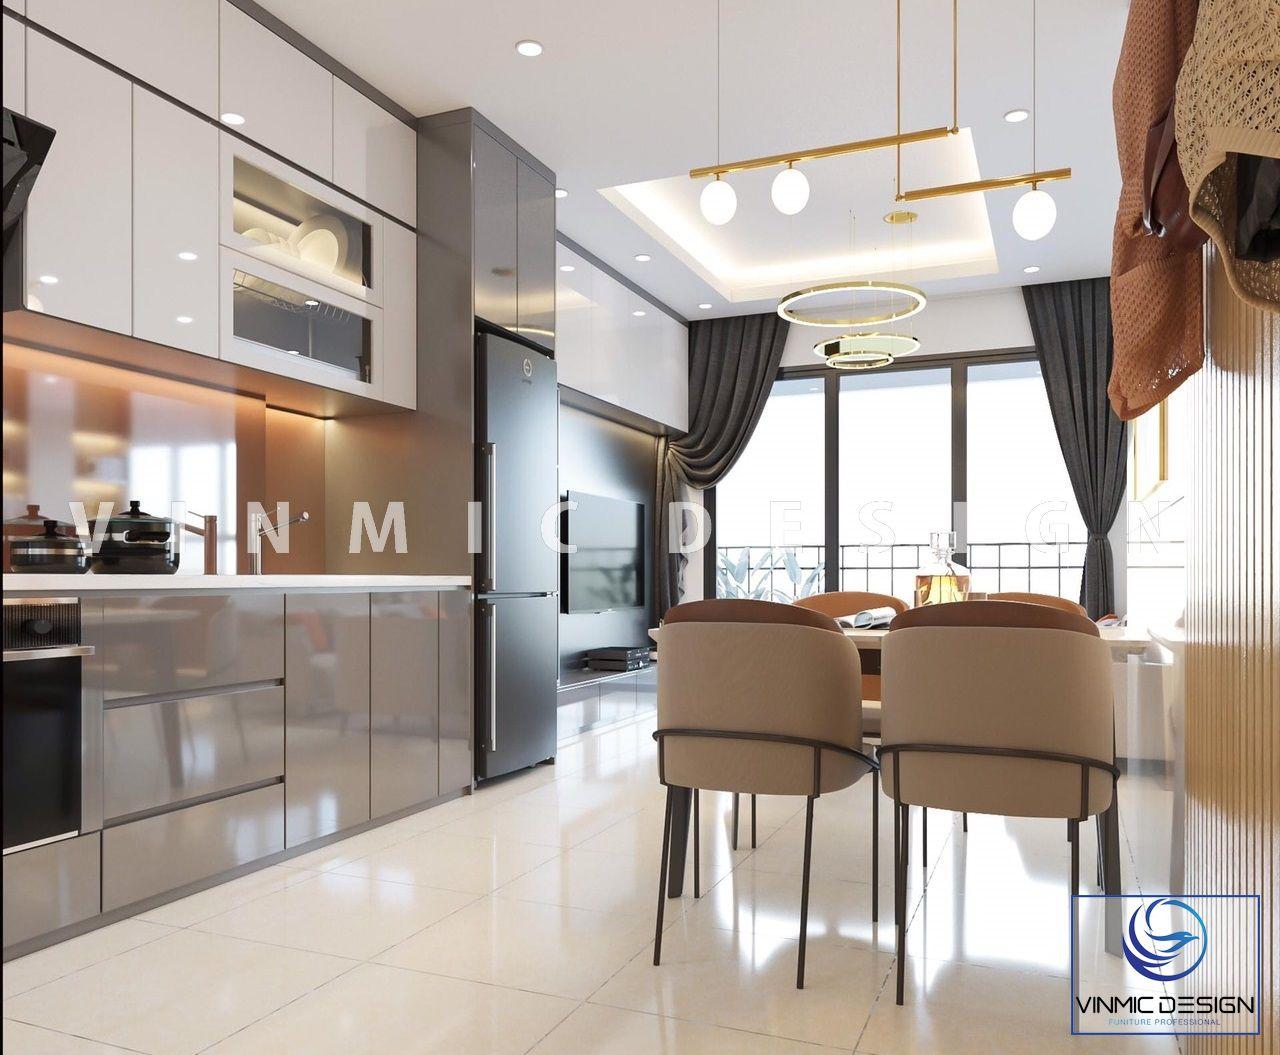 Chất liệu bề mặt Acrylic cho thiết kế tủ bếp này